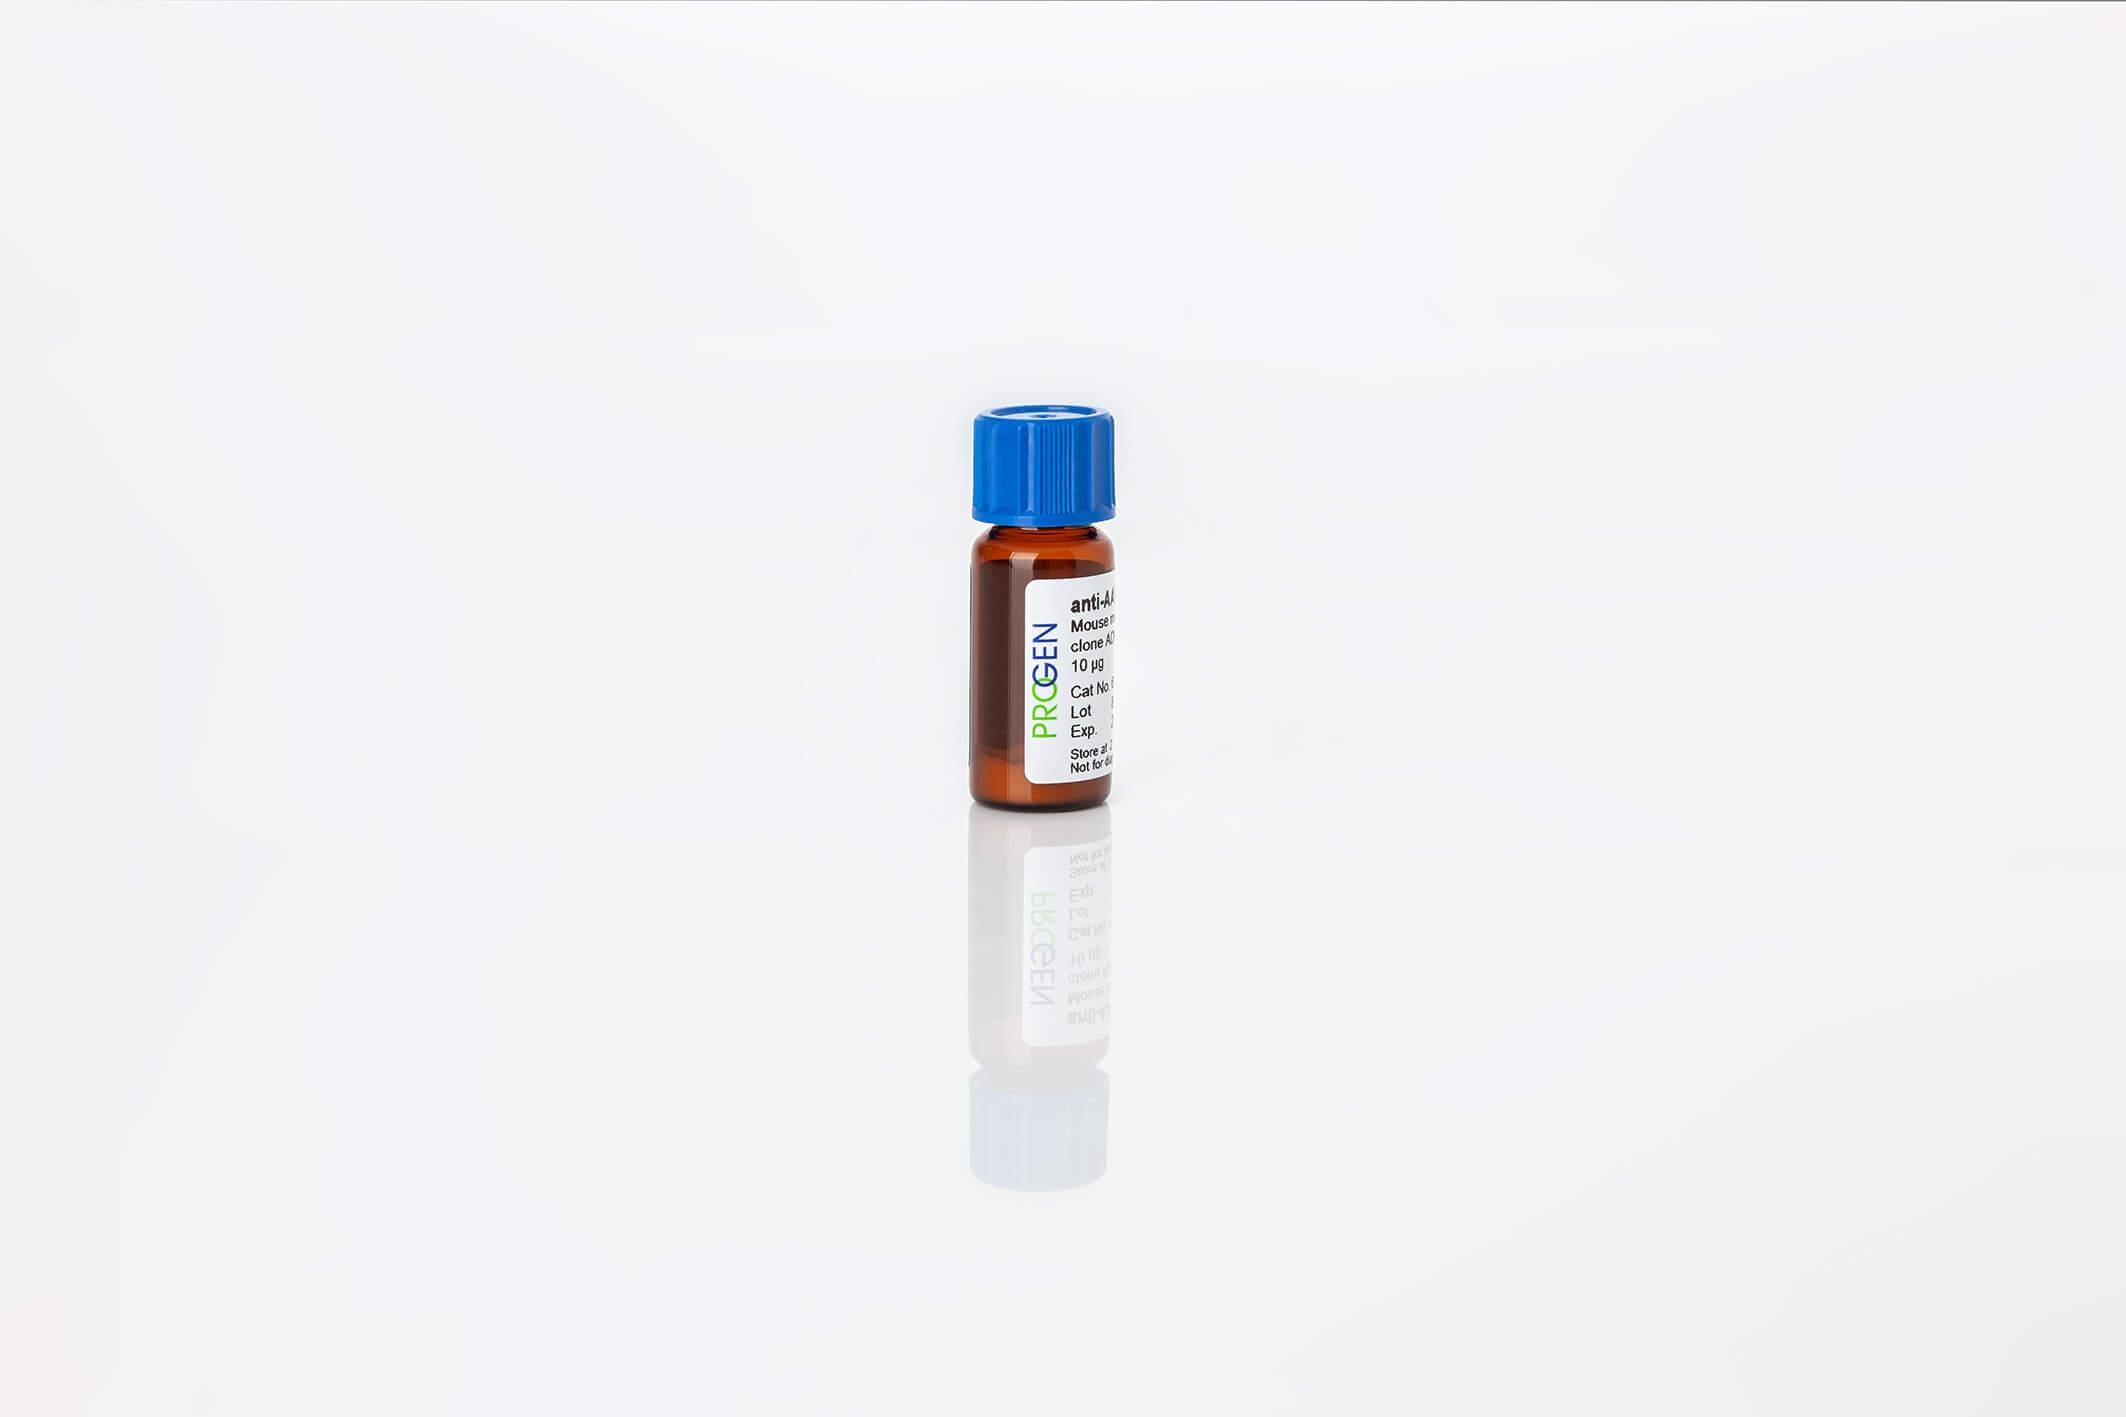 anti-LRP1 (515kDa) mouse monoclonal, 8G1, lyophilized w/o sodium azide, purified